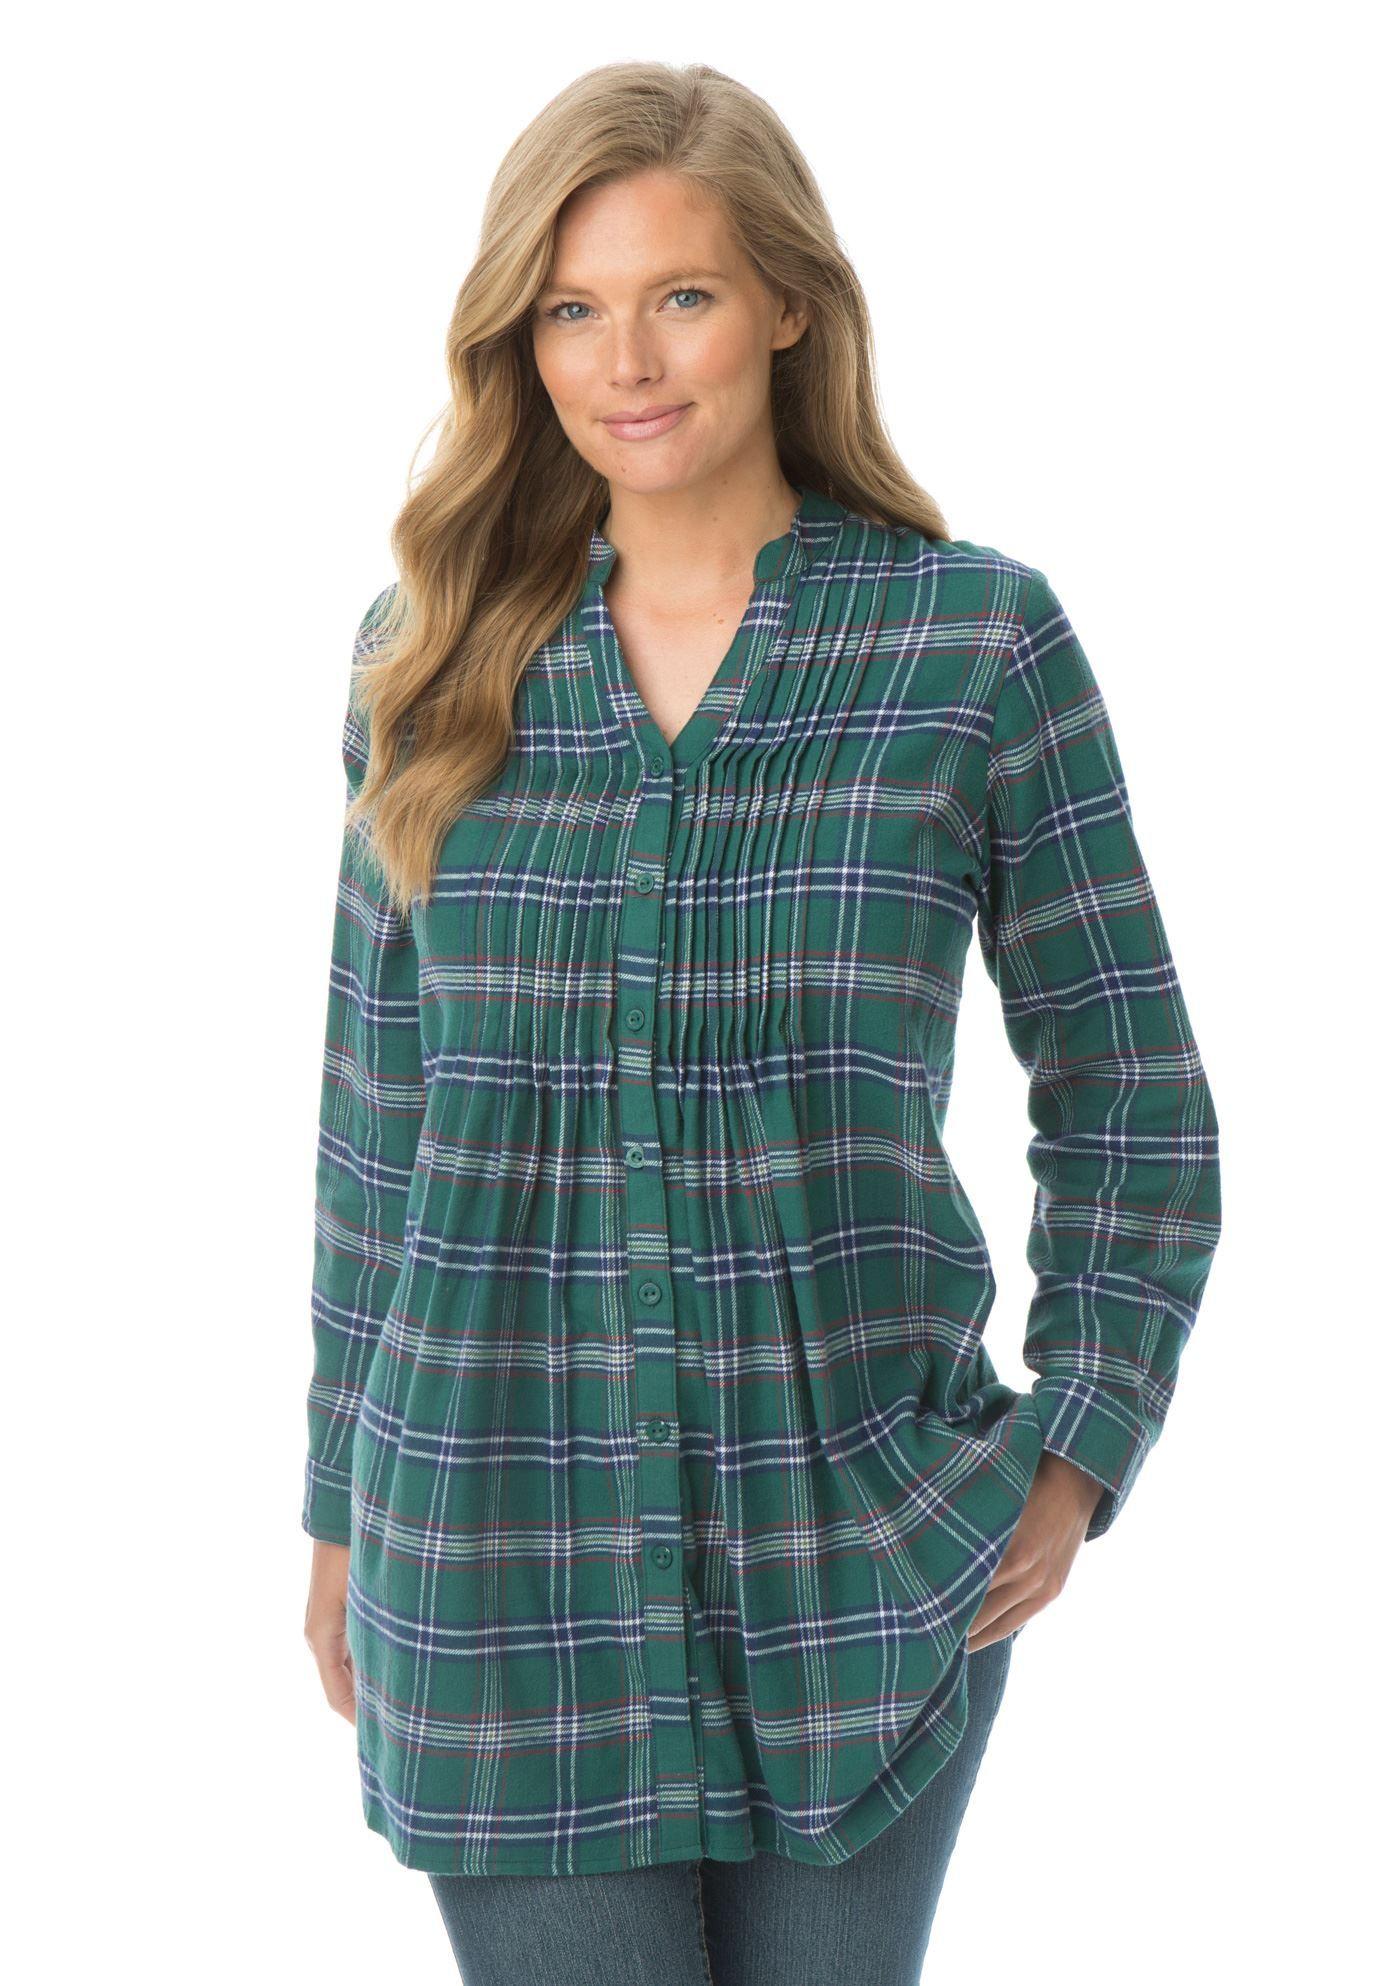 e11904c74d572 Pintuck flannel bigshirt